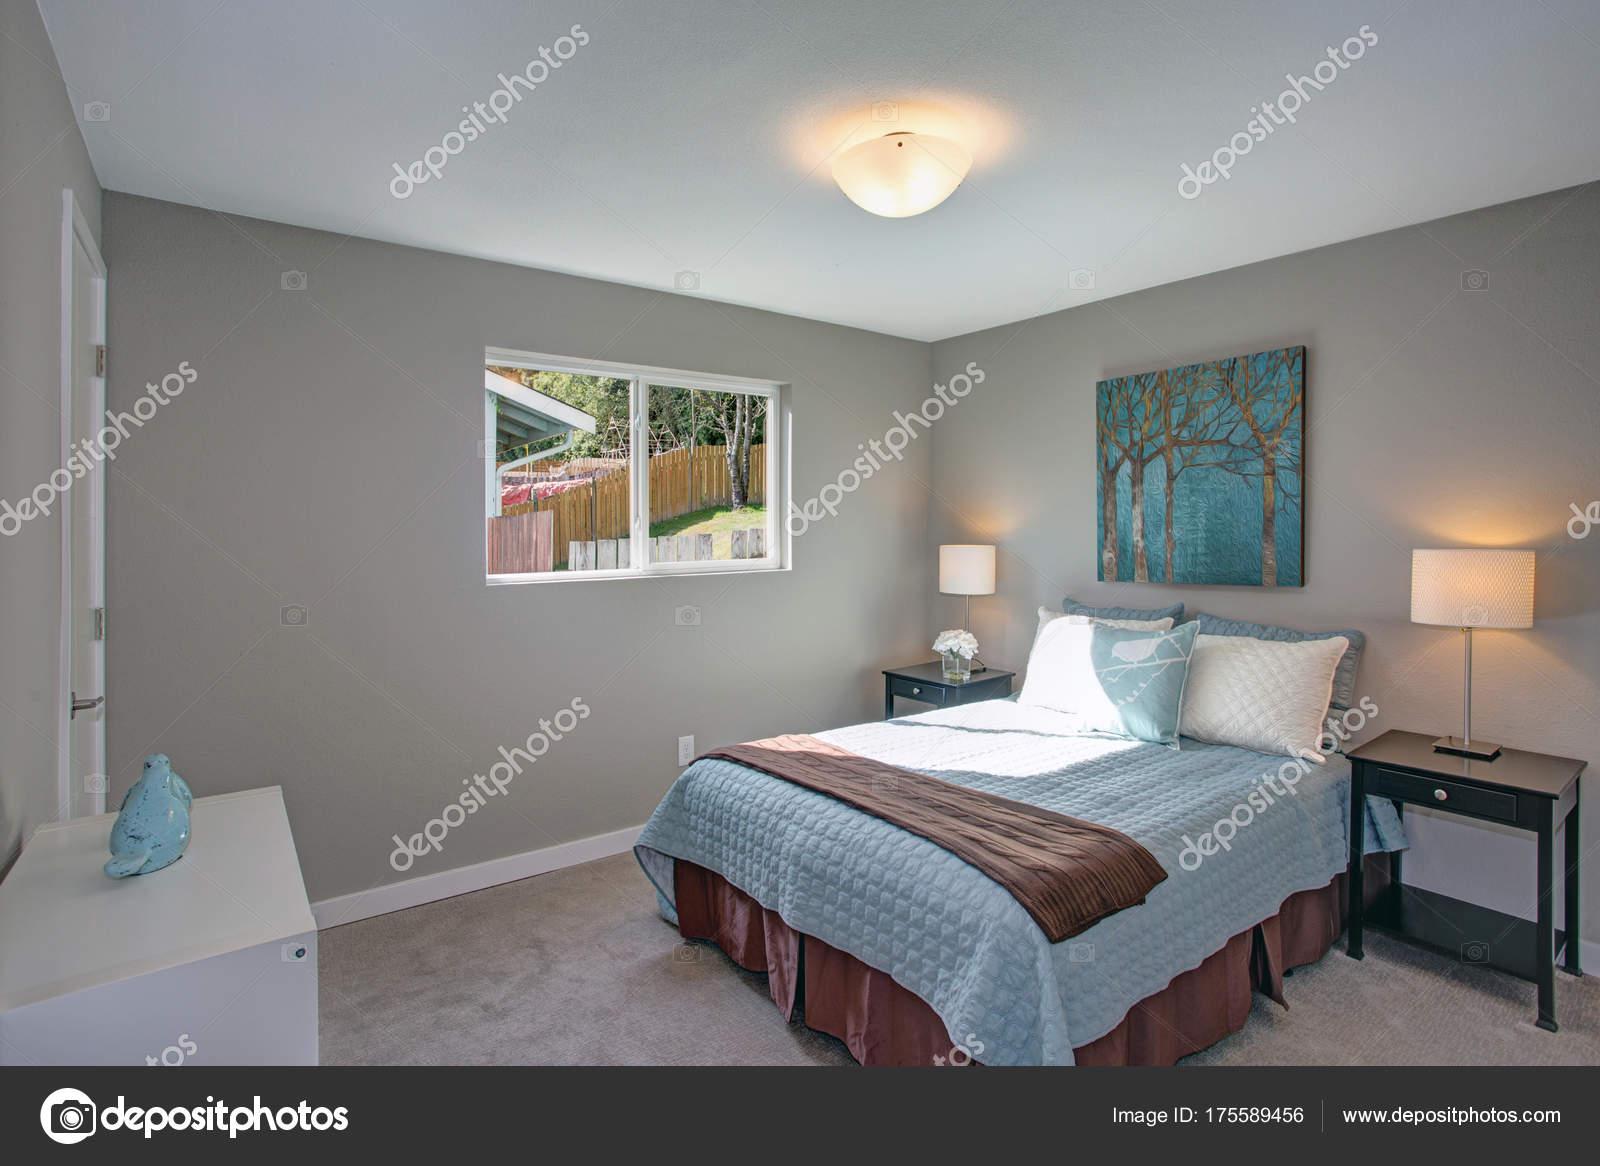 Camere Da Letto Pareti Grigie : Tranquillo e accogliente camera da letto con pareti grigie u foto